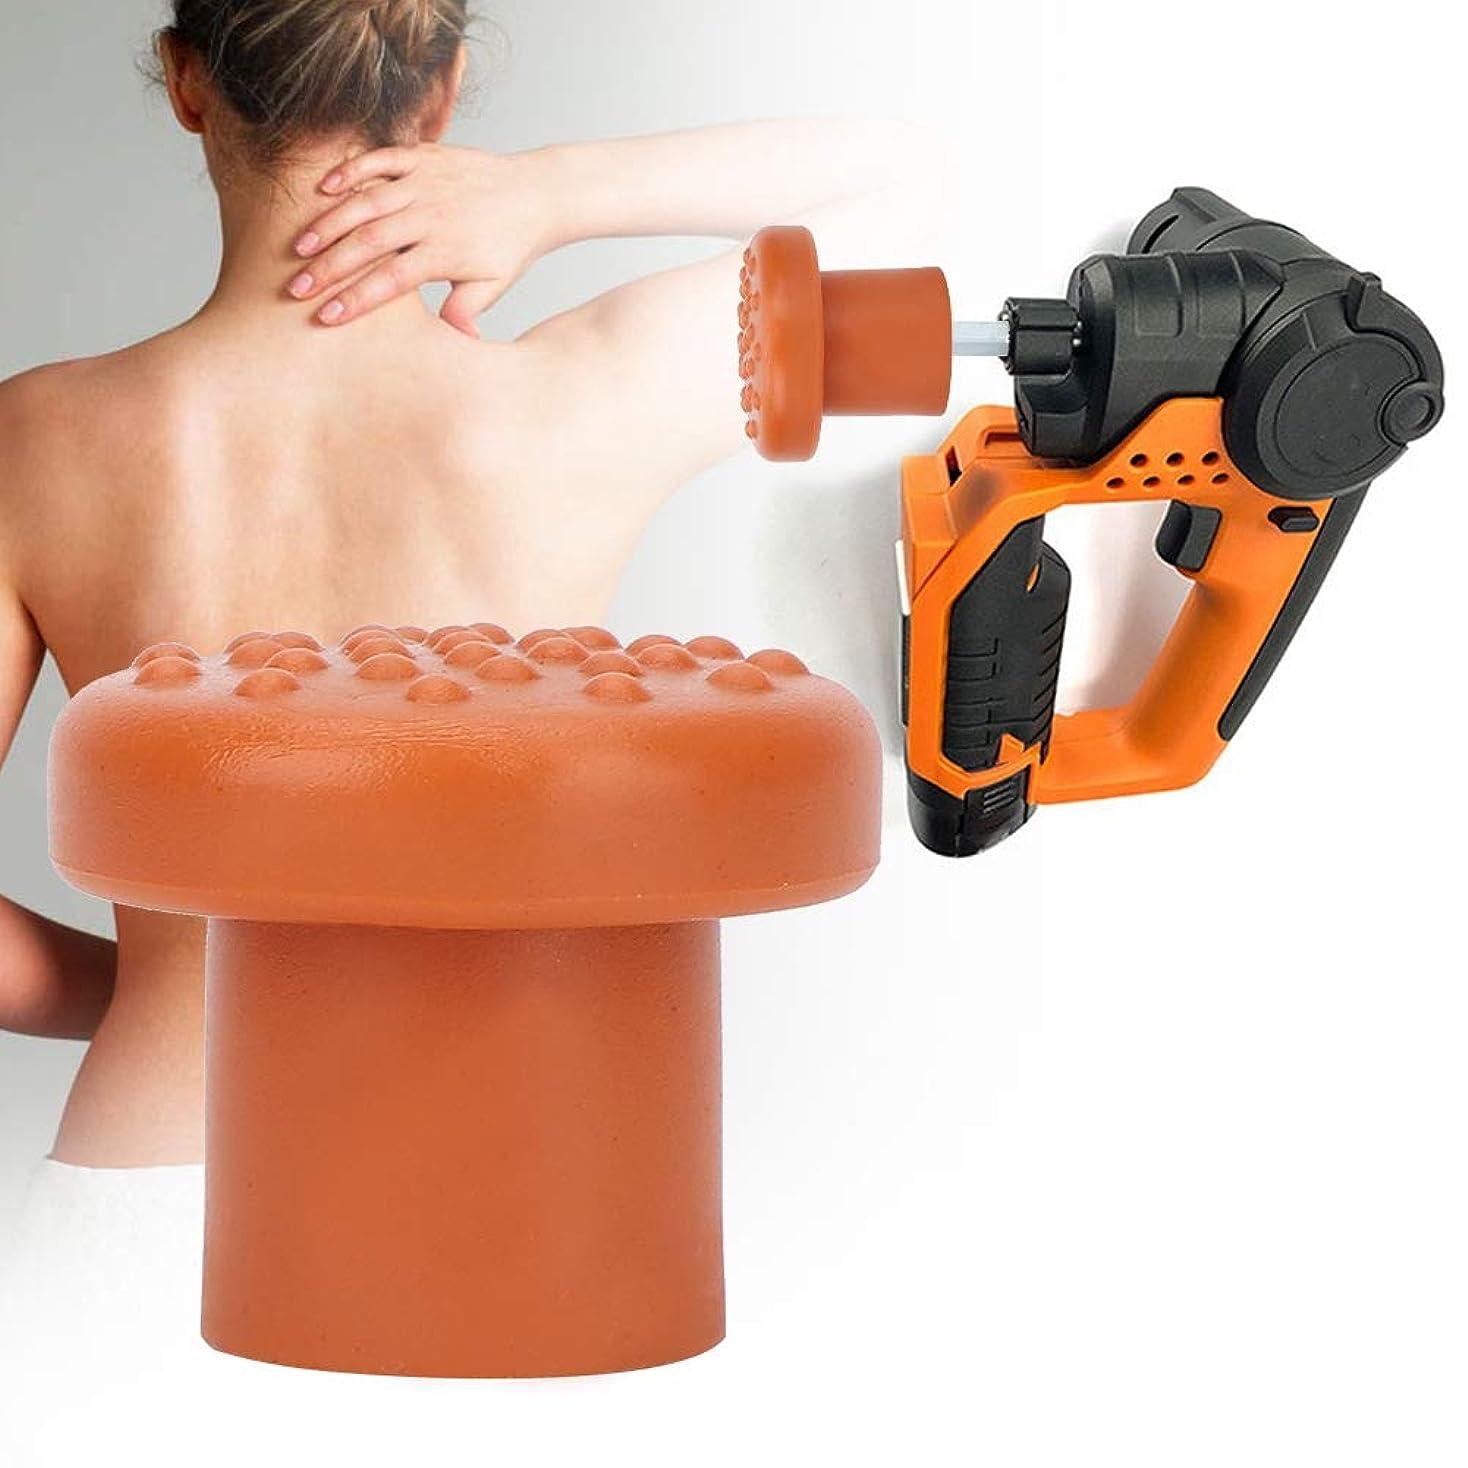 伸ばす破壊する病的Fasciaマッサージャーアクセサリー用交換式マッサージヘッド(12)